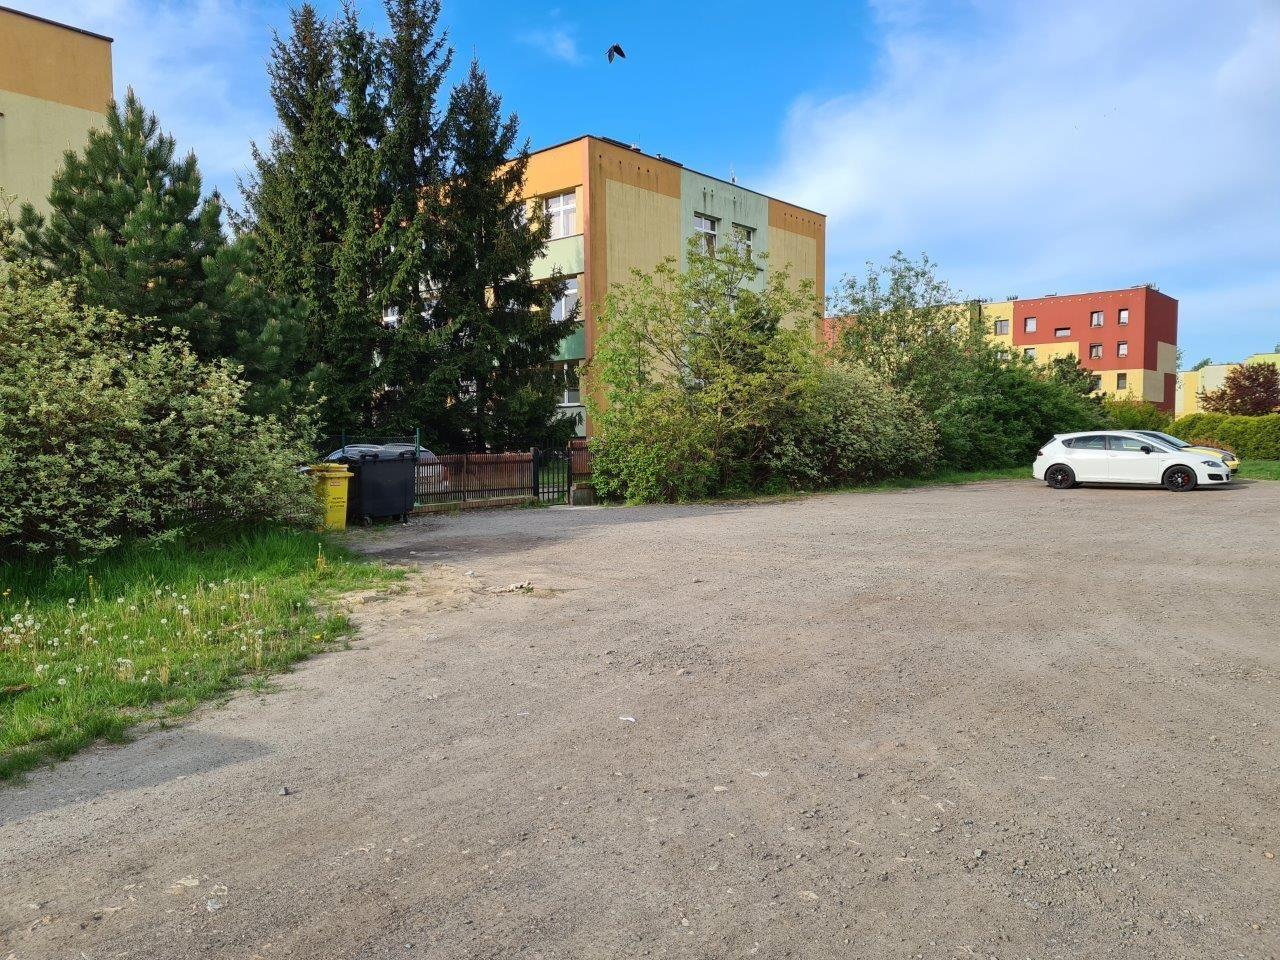 Nowe miejsca parkingowe przy żłobku miejskim